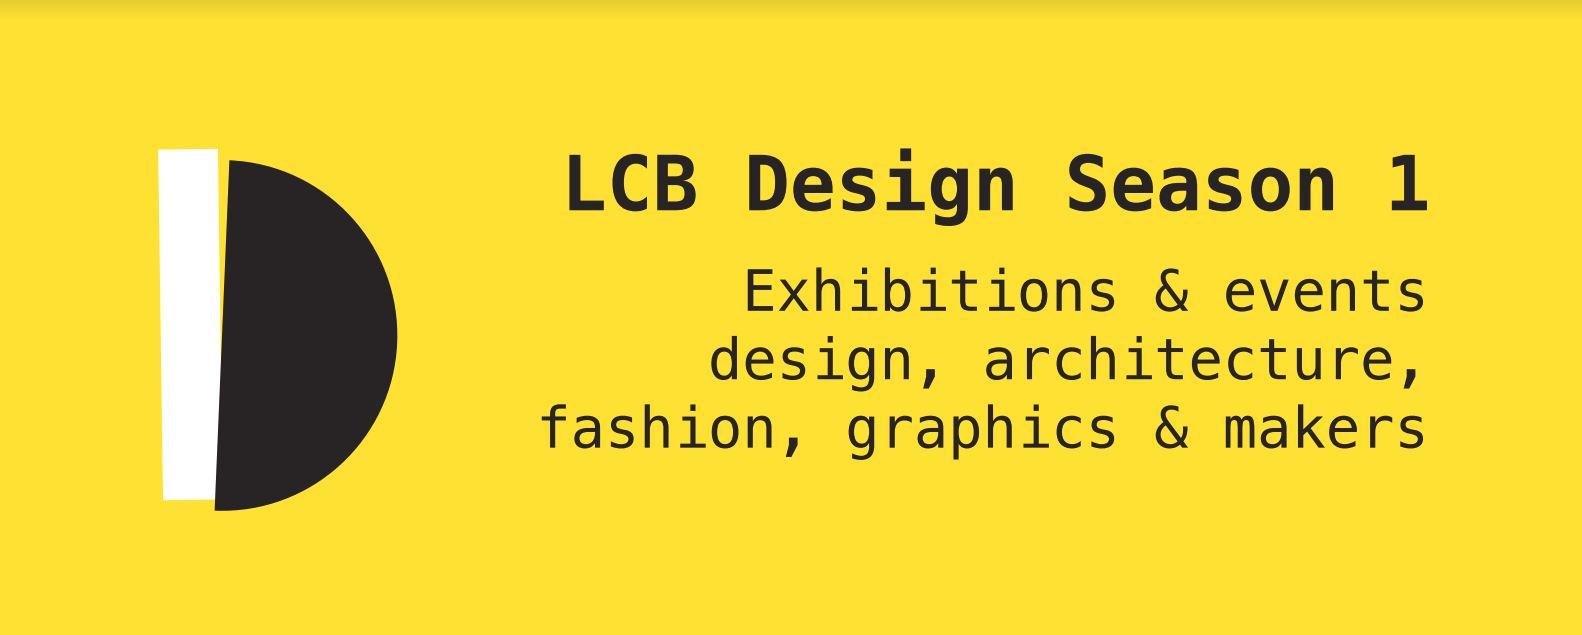 lcb design season leicester